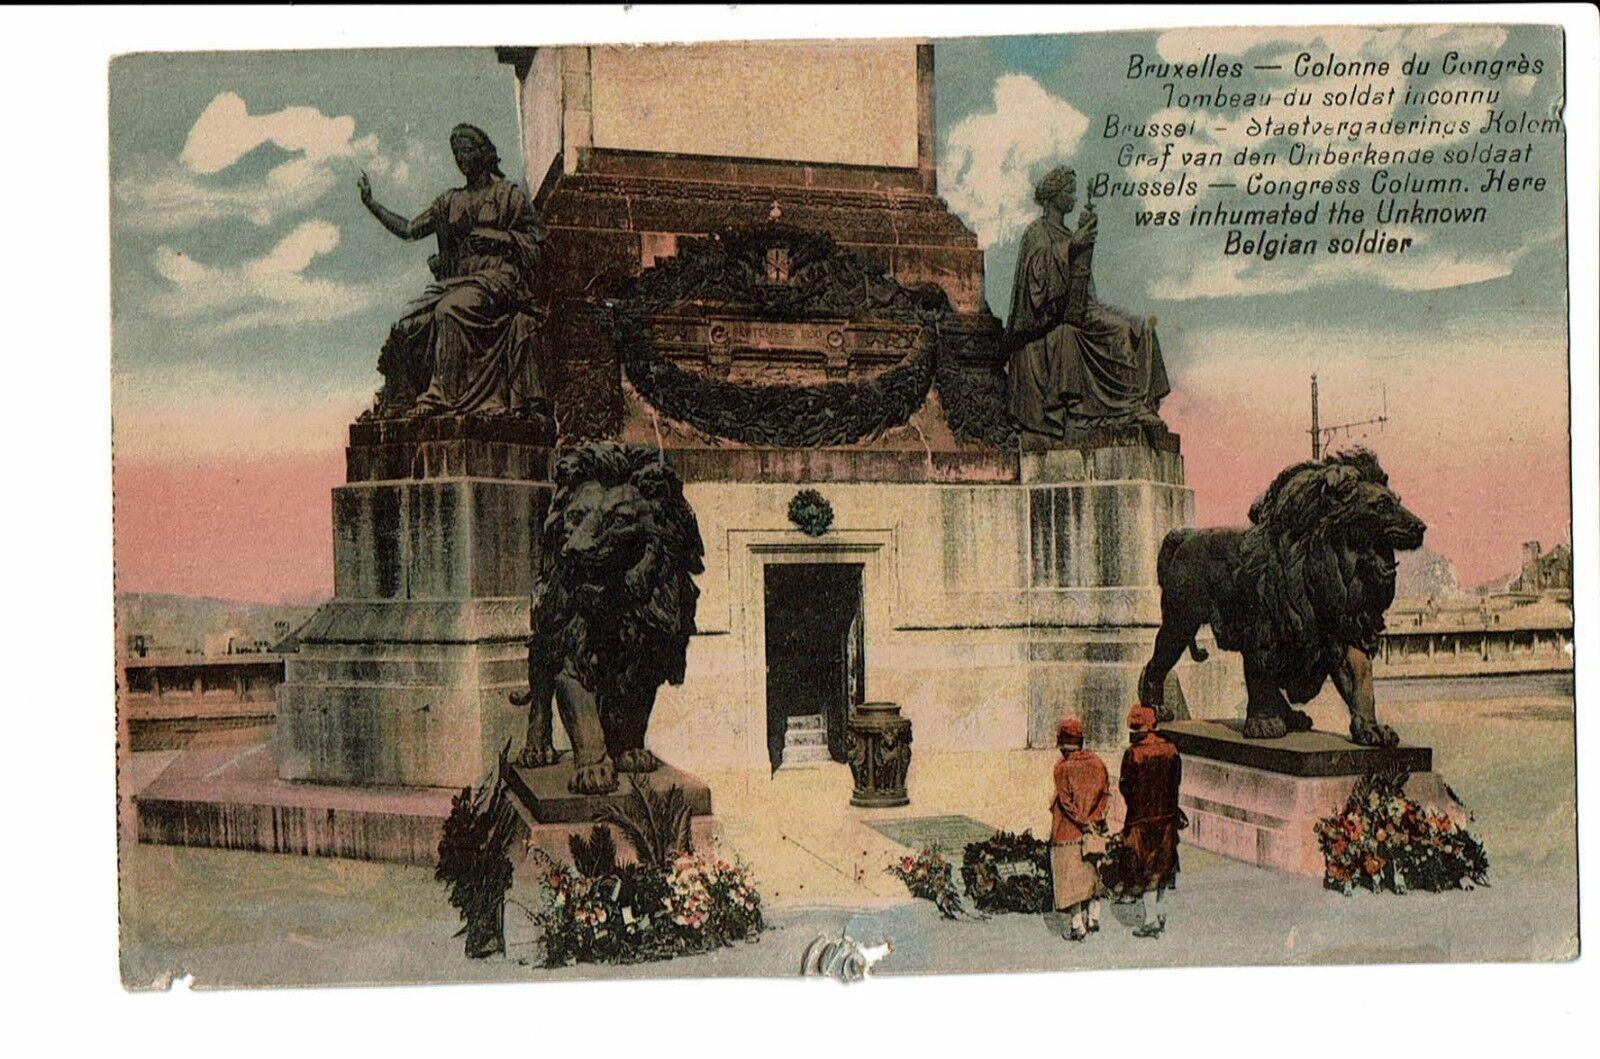 CPA-Carte postale-BELGIQUE-Bruxelles -Tombeau du Soldat Inconnu --S2939